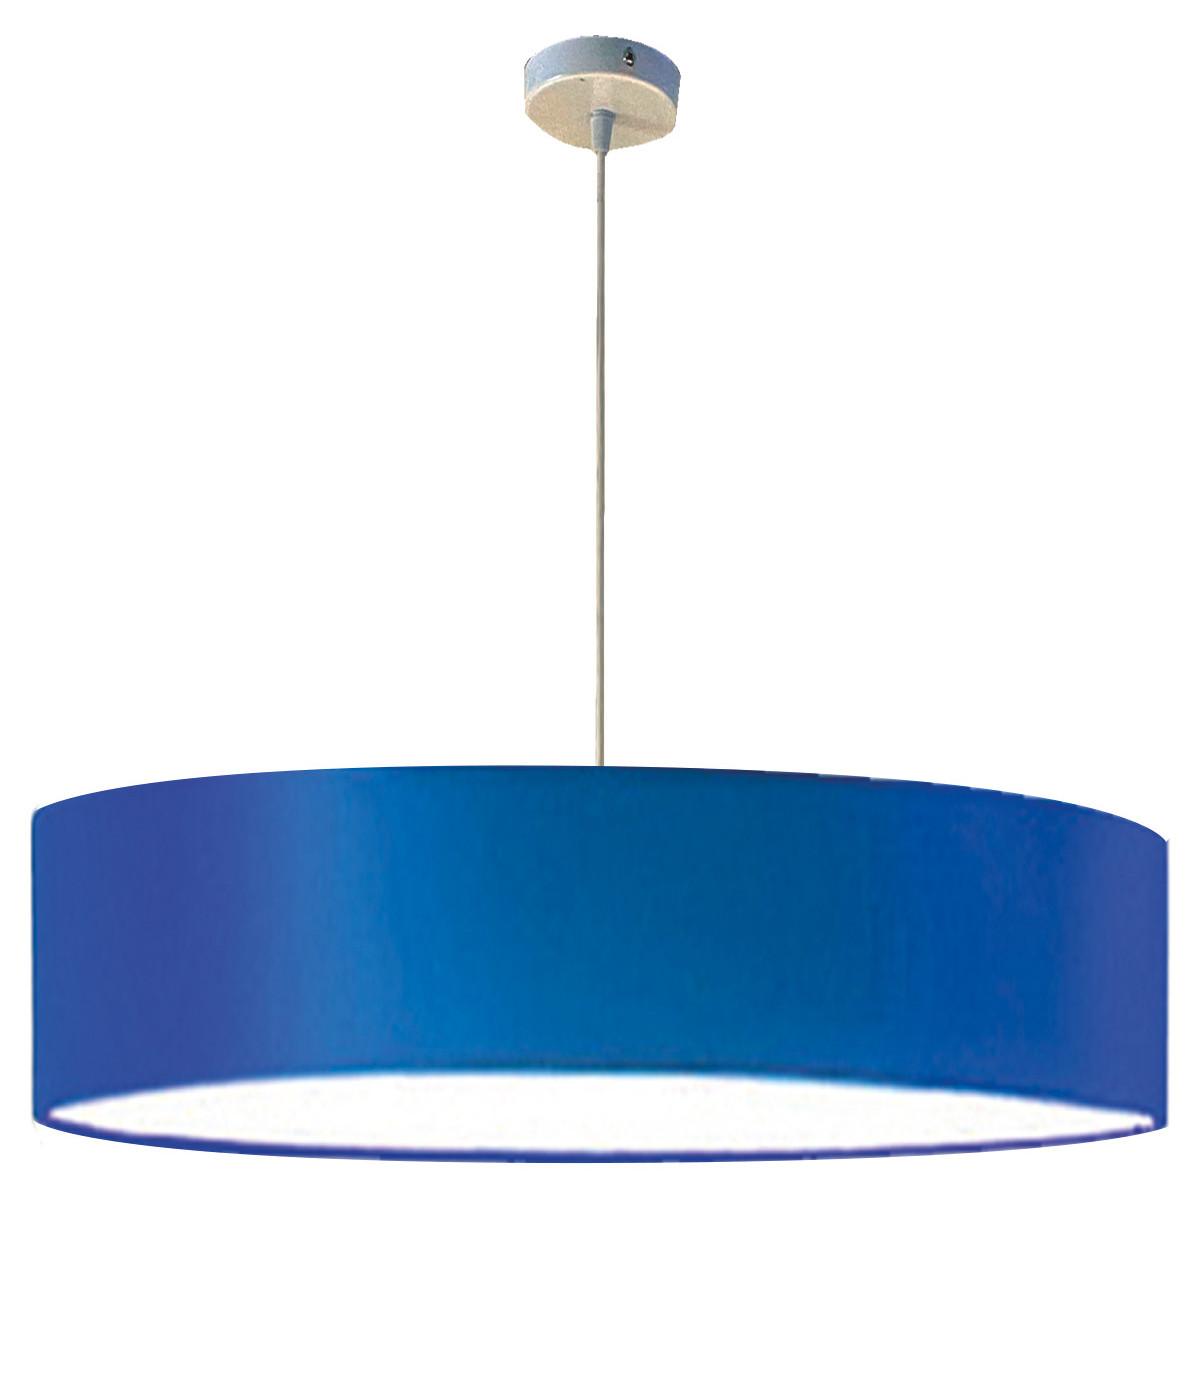 Suspension bleu d 65 cm